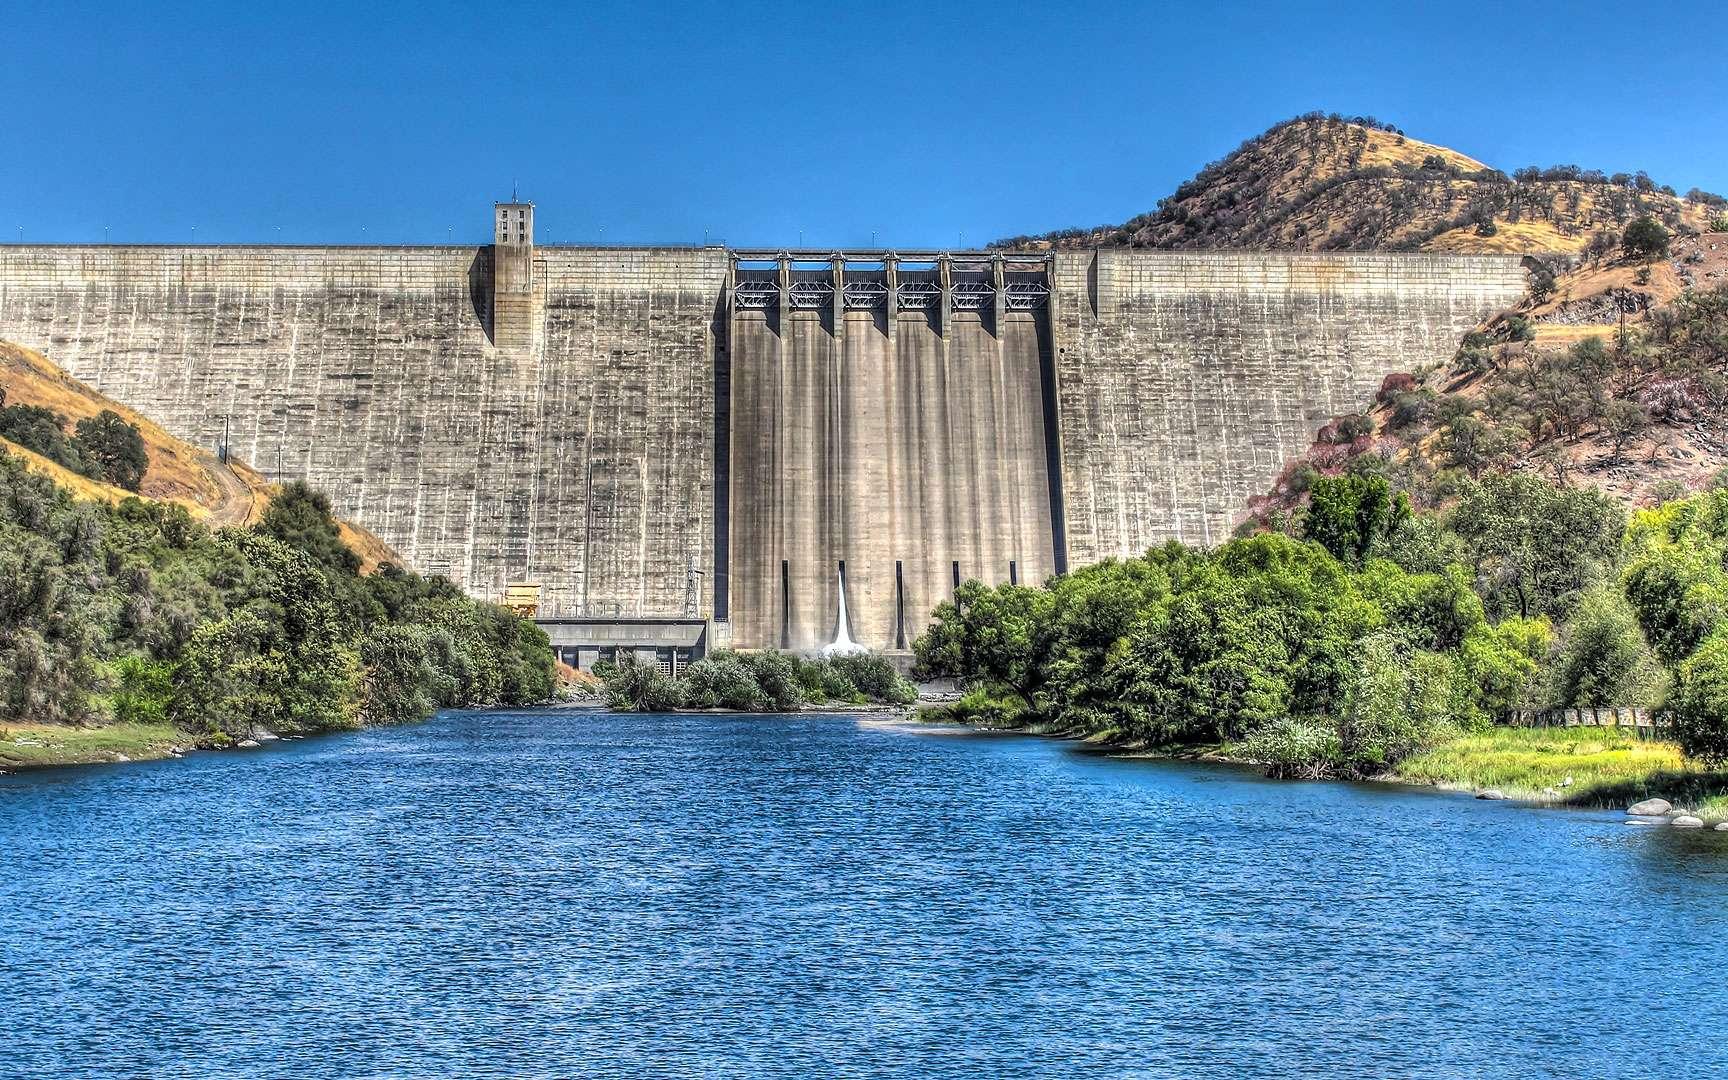 Le barrage Pine Flat et son lac, l'un des plus grands réservoirs de Californie. Le barrage-poids de Pine Flat a été édifié entre 1947 et 1954 sur la Kings River, dans le centre de la Californie (États-Unis). Long de 560 mètres pour 130 mètres de haut, il a été conçu spécialement pour contrôler les risques d'inondation, mais il sert également à la production d'énergie, à l'irrigation et à l'agrément. Il a engendré la création du lac Pine Flat qui est l'un des plus grands réservoirs de Californie. © David Seibold, CC by-nc 2.0